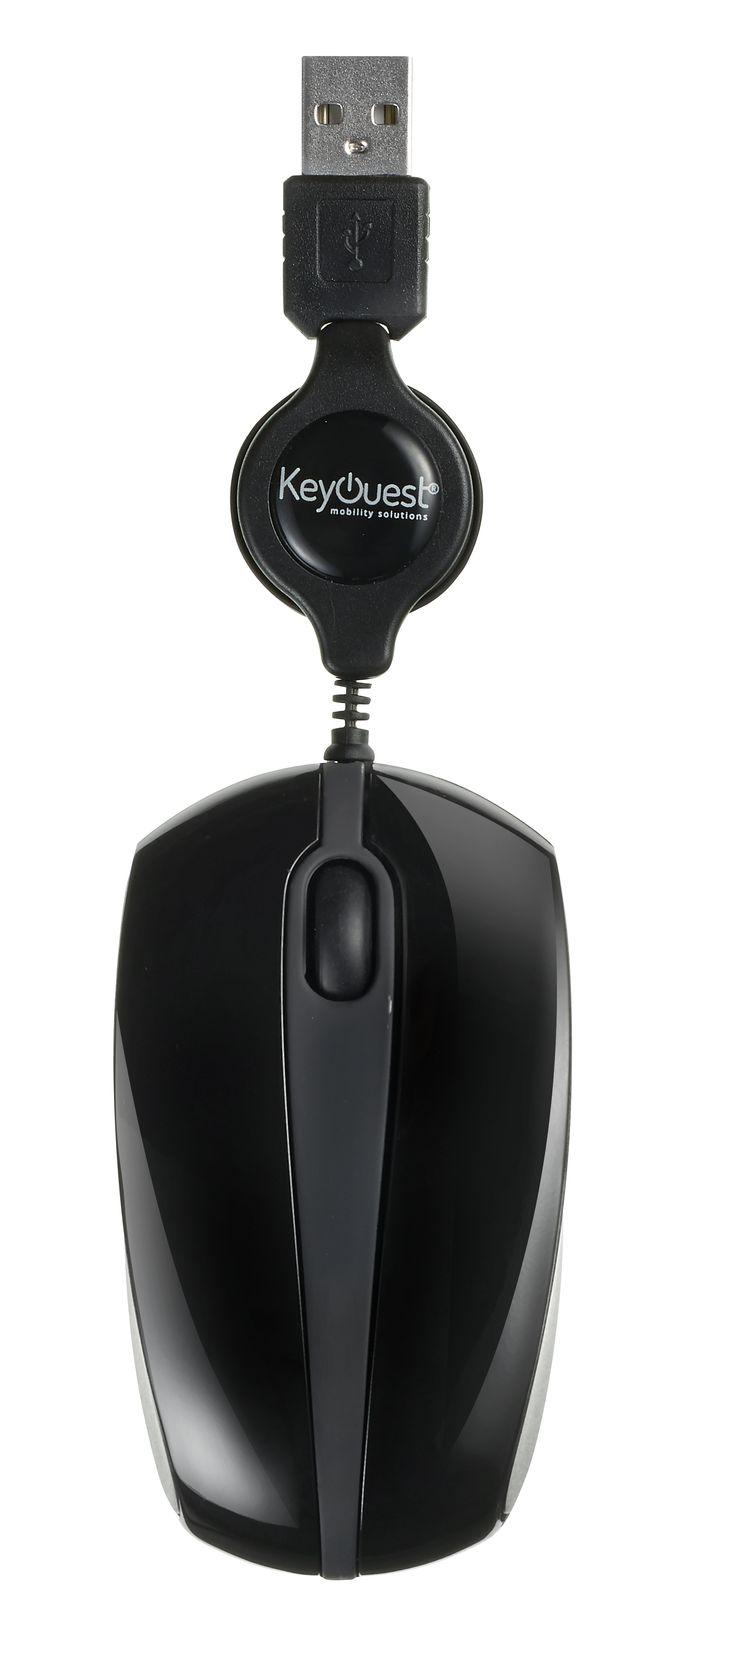 Mini souris filaire rétractable MOVE-IT Noire - KeyOuest http://www.keyouest-mobility.com/produits/mini-souris-filaire-retractable-move-it-keyouest/